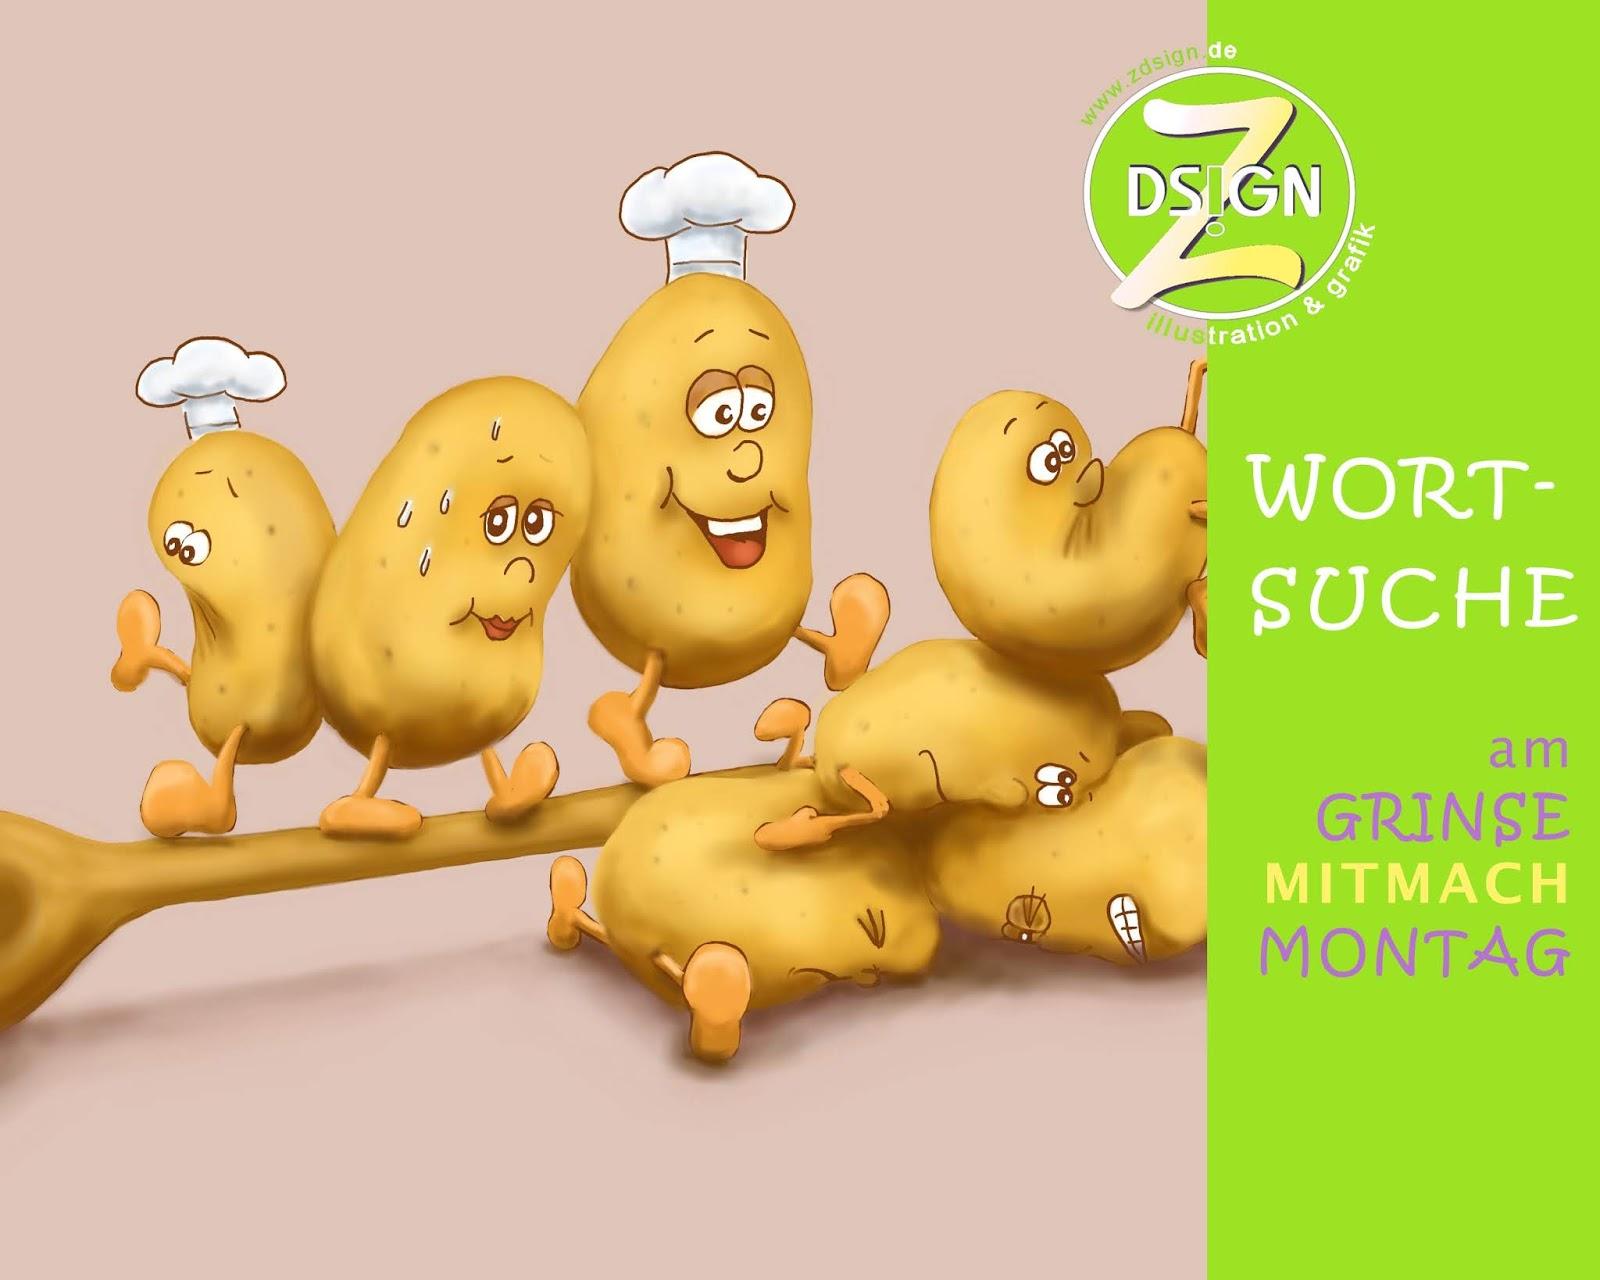 Kartoffel-Auflauf-zdsign-Gesundheit-Ernährung-Iris-Zeh